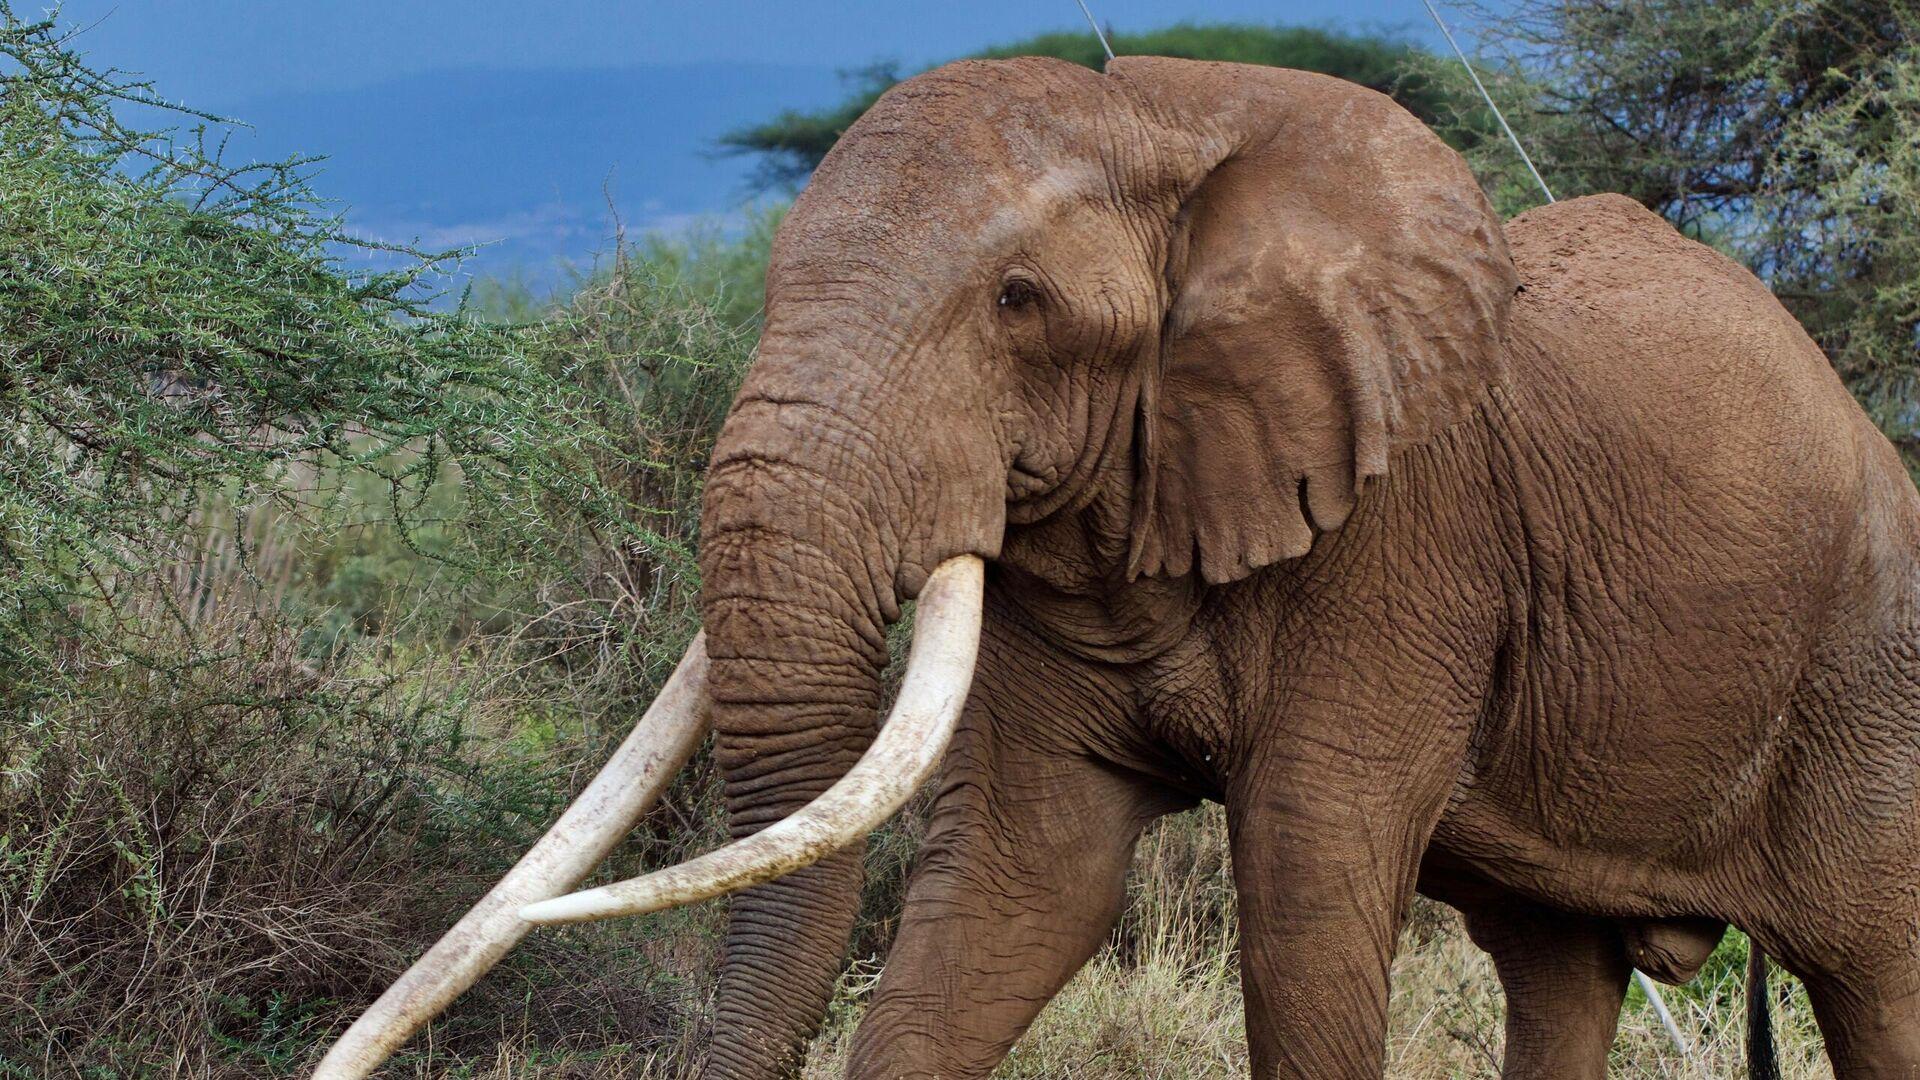 Слон Тим в кенийском Национальном парке Амбосели - РИА Новости, 1920, 13.05.2020